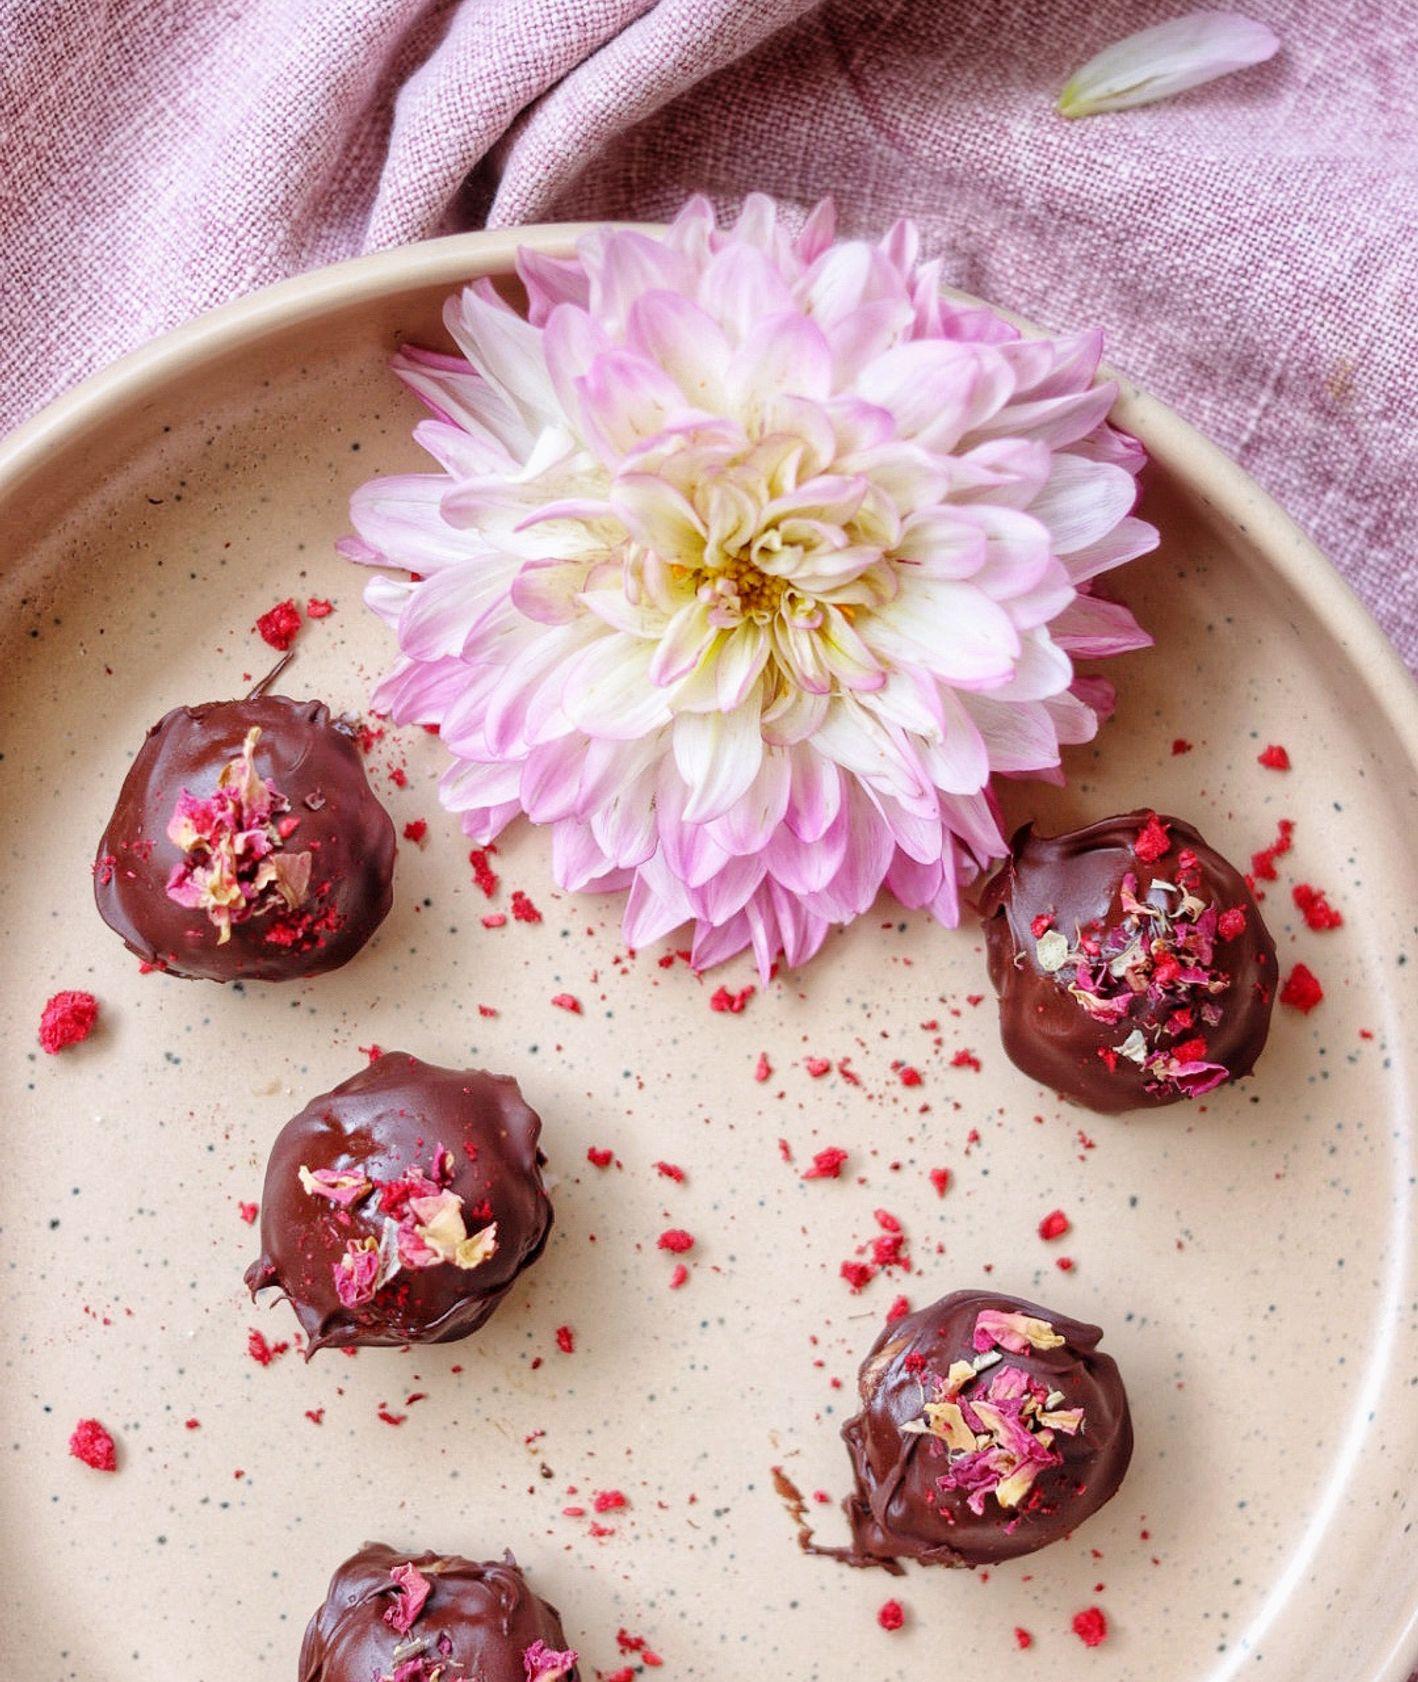 Przepis na różano-kokosowe praliny w gorzkiej czekoladzie, jak zrobić wegańskie praliny (fot. Ania Dobra Kulka)